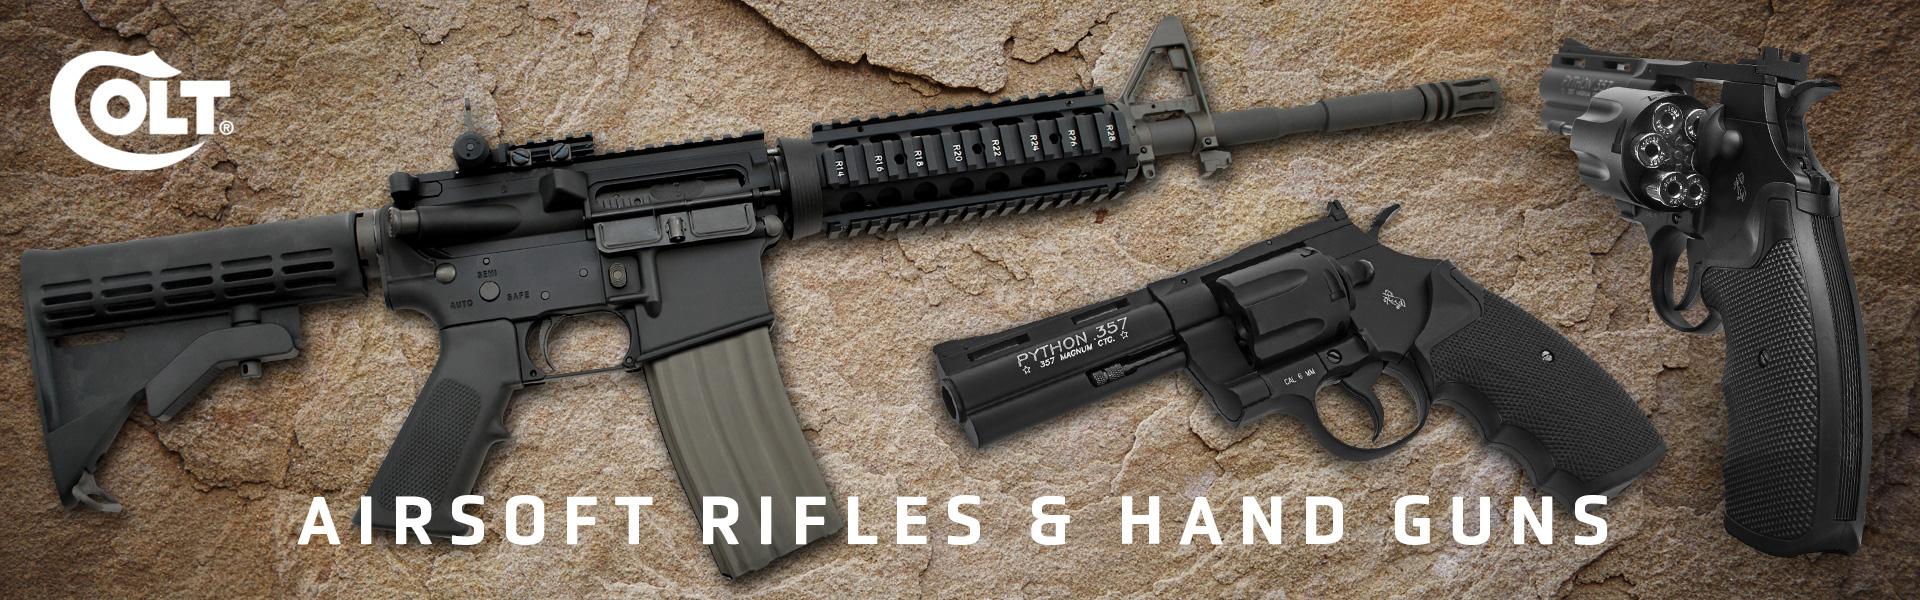 Airsoft Rifles & hand guns